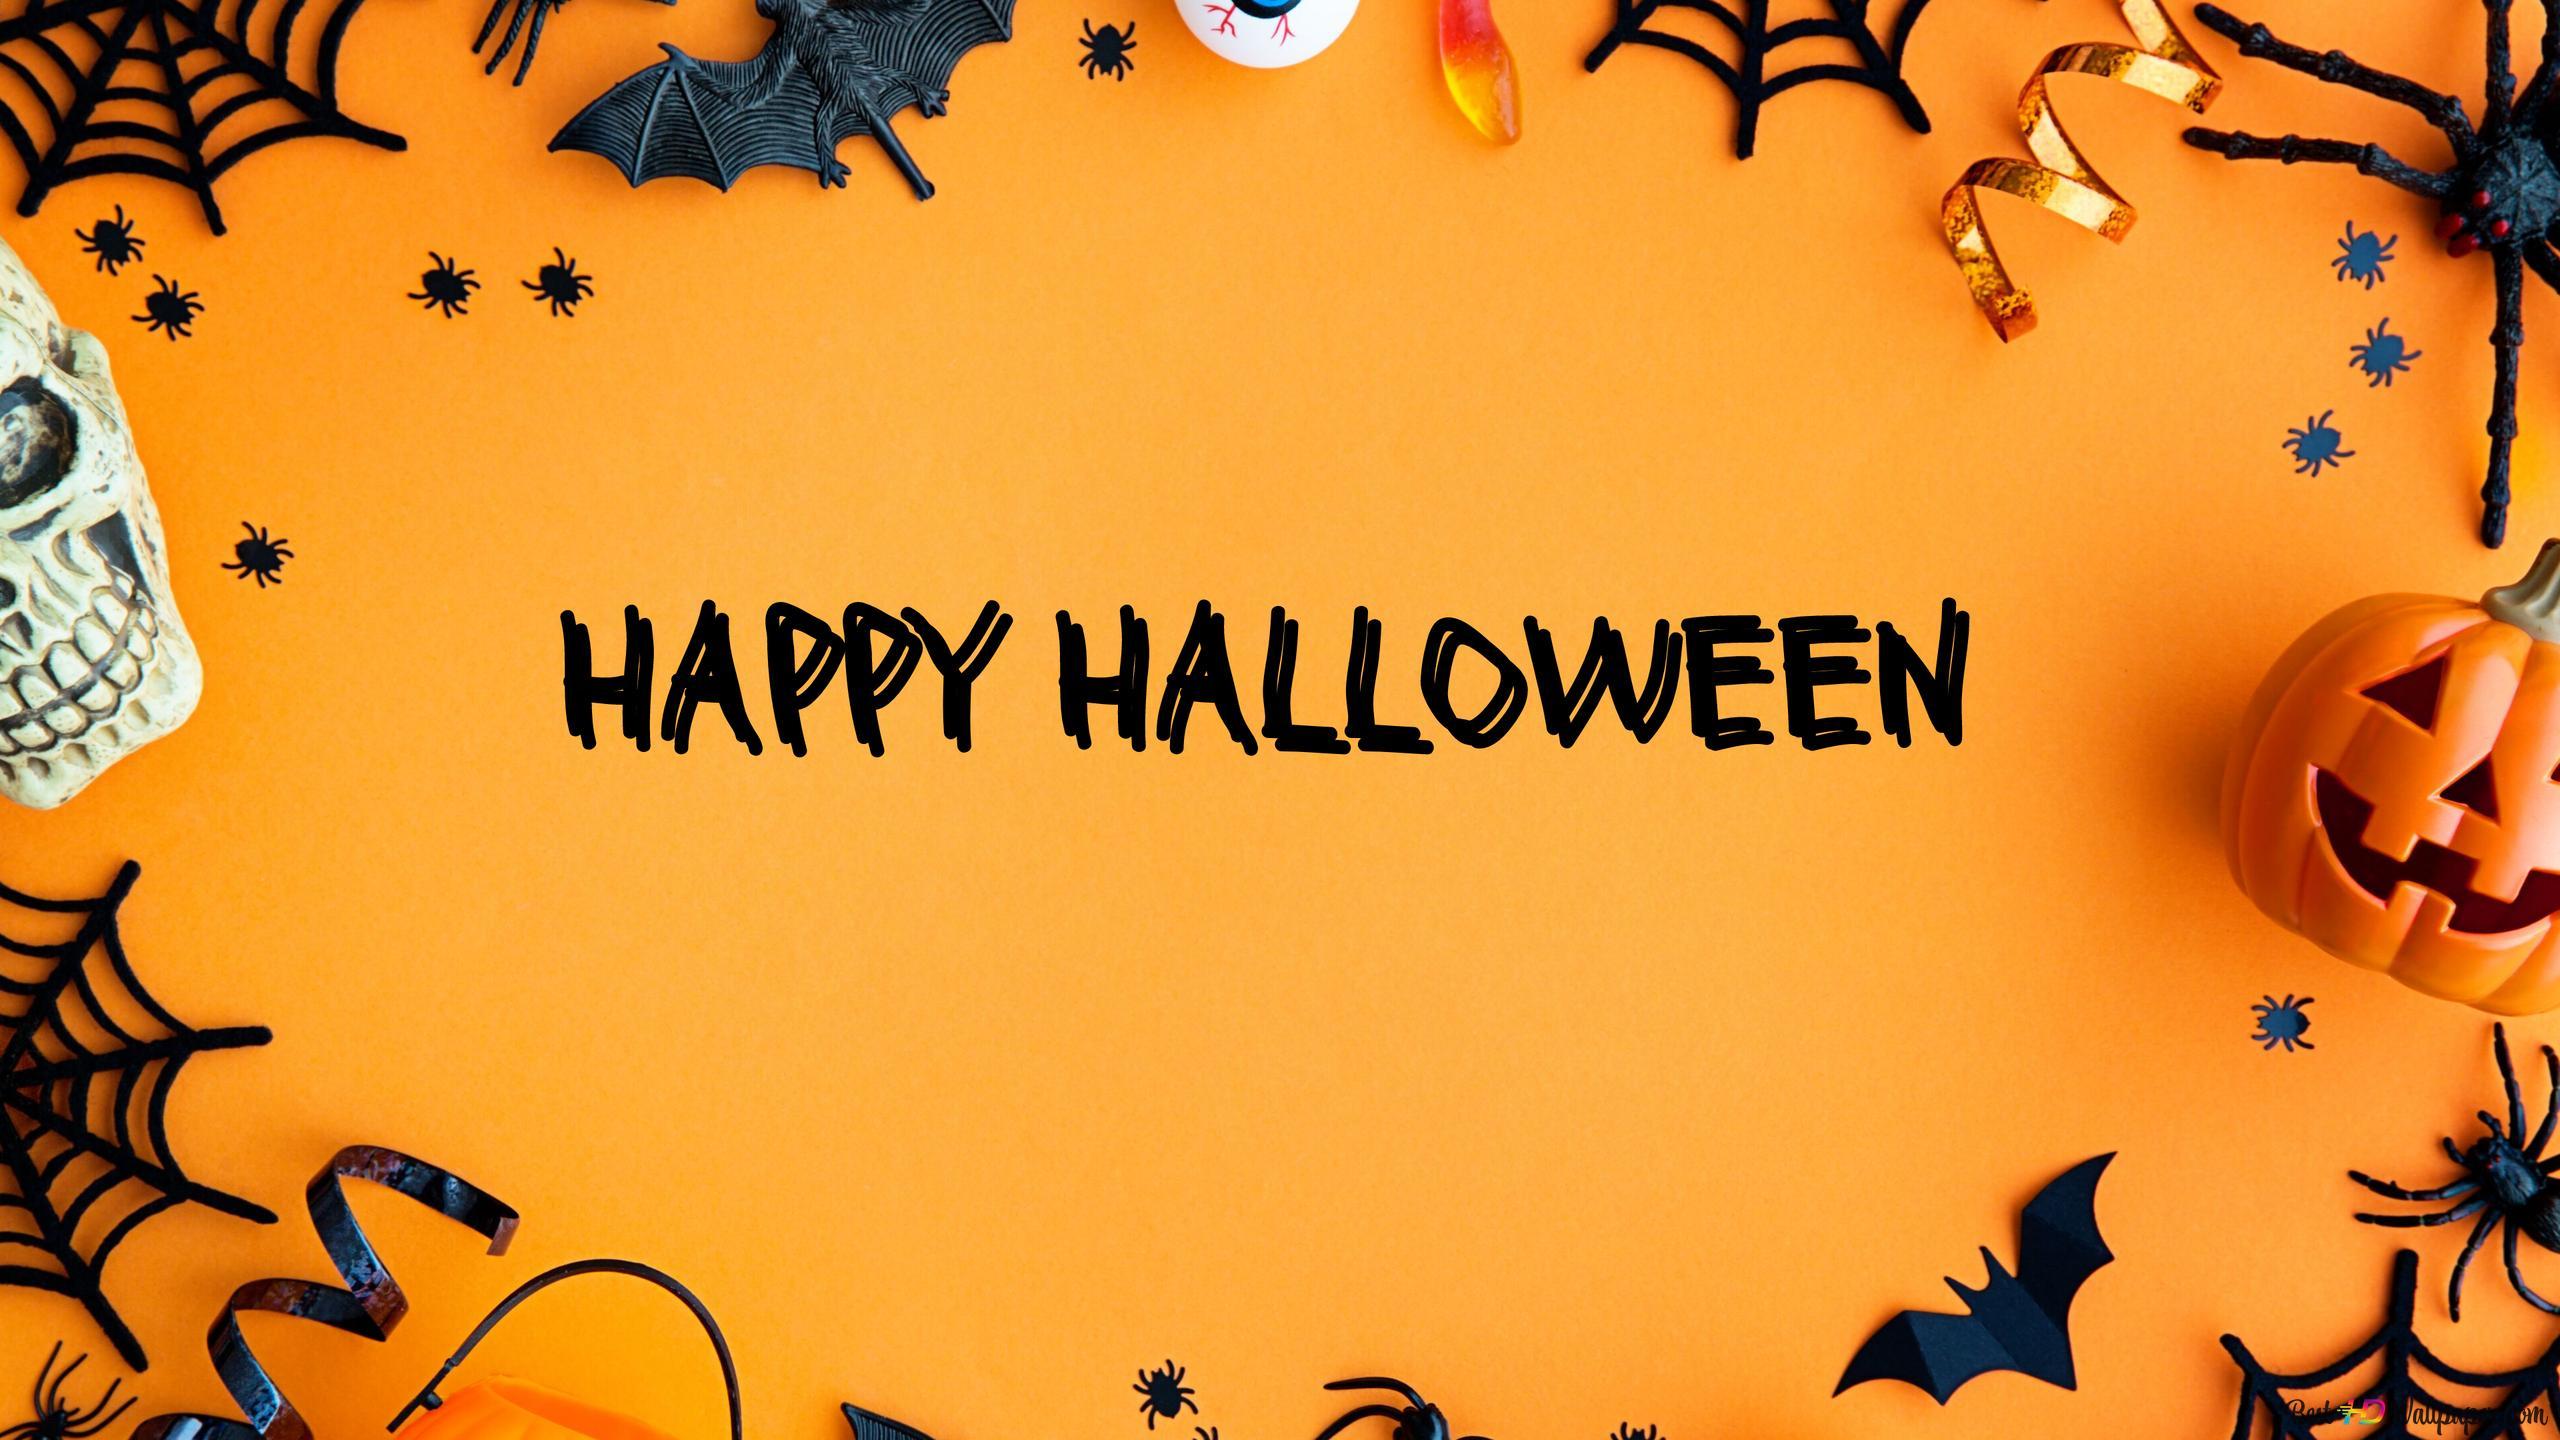 Happy Halloween Orange Hd Wallpaper Download